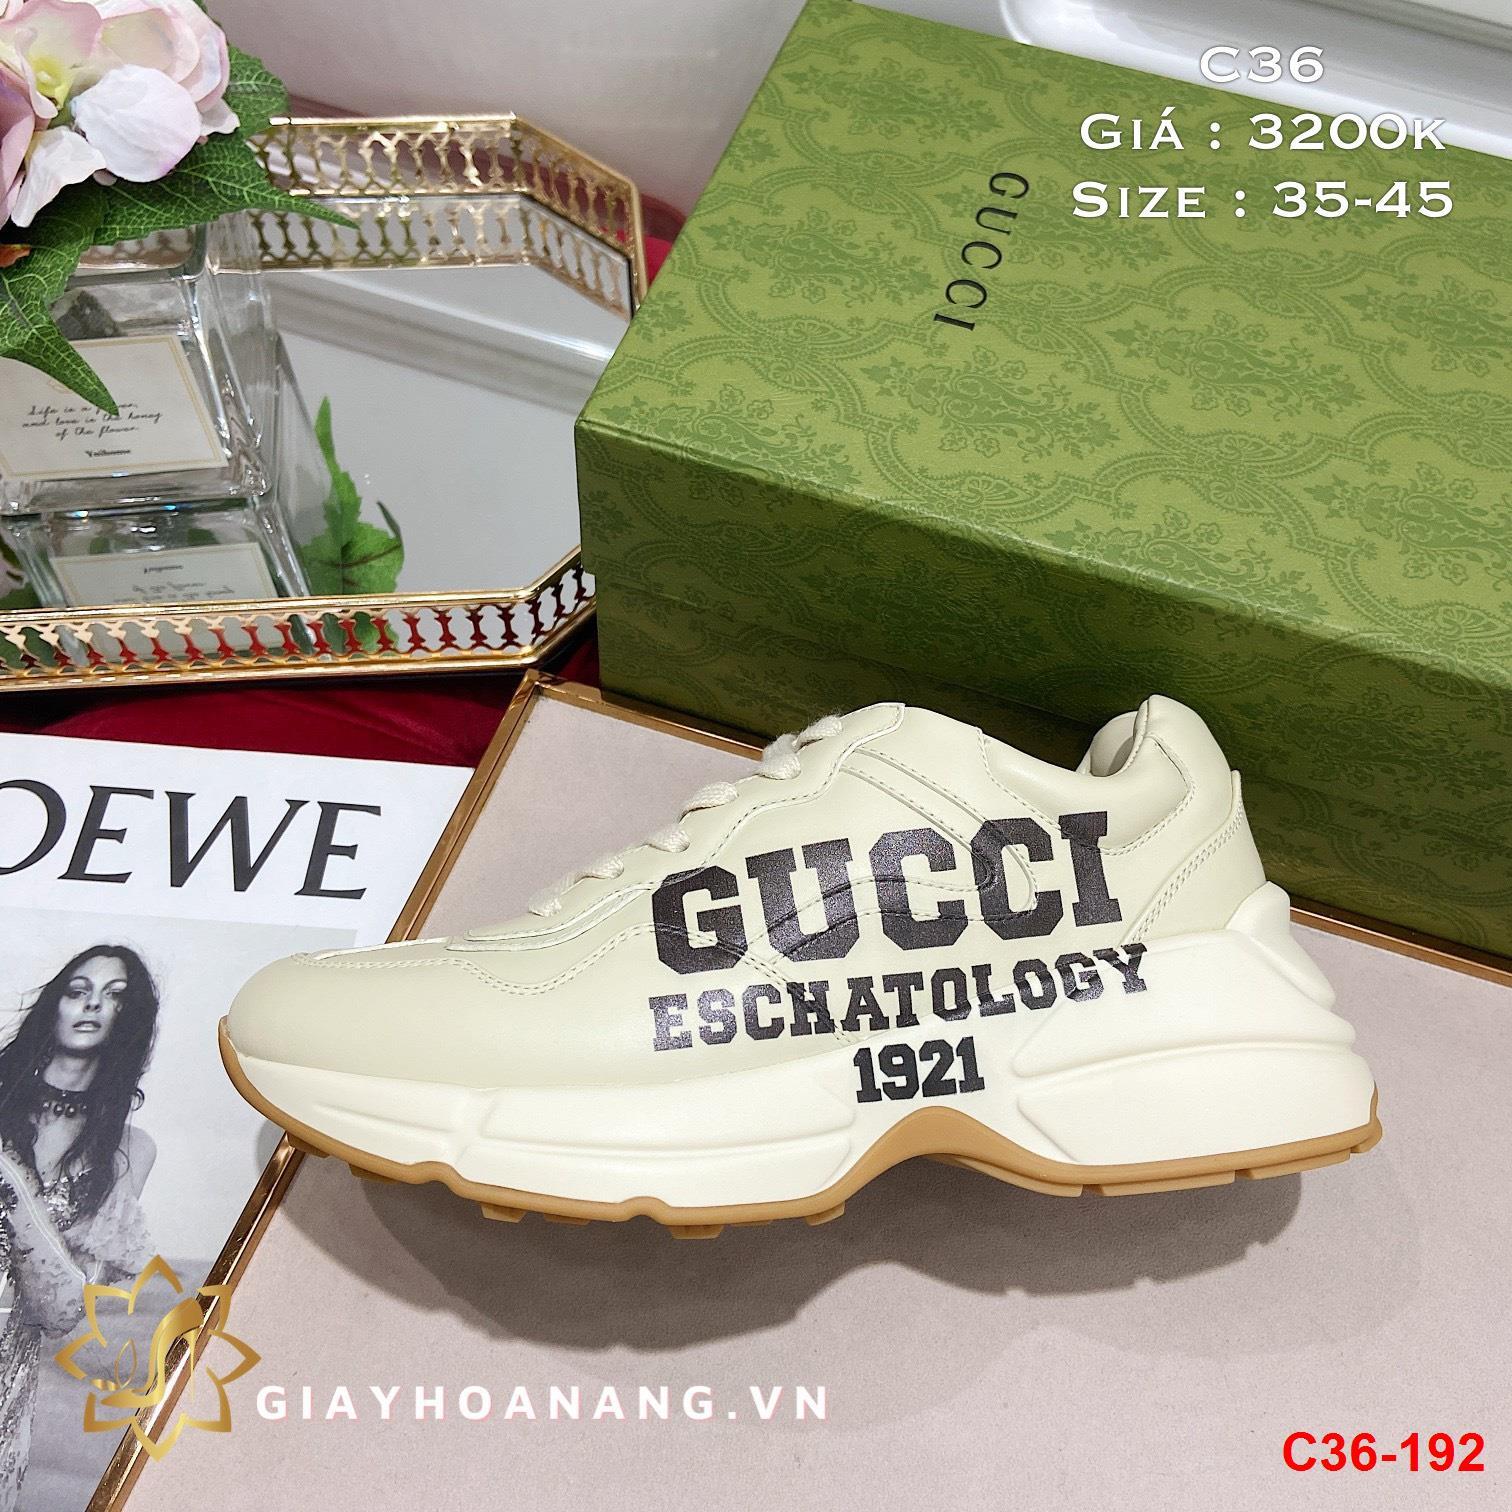 C36-192 Gucci giày thể thao siêu cấp